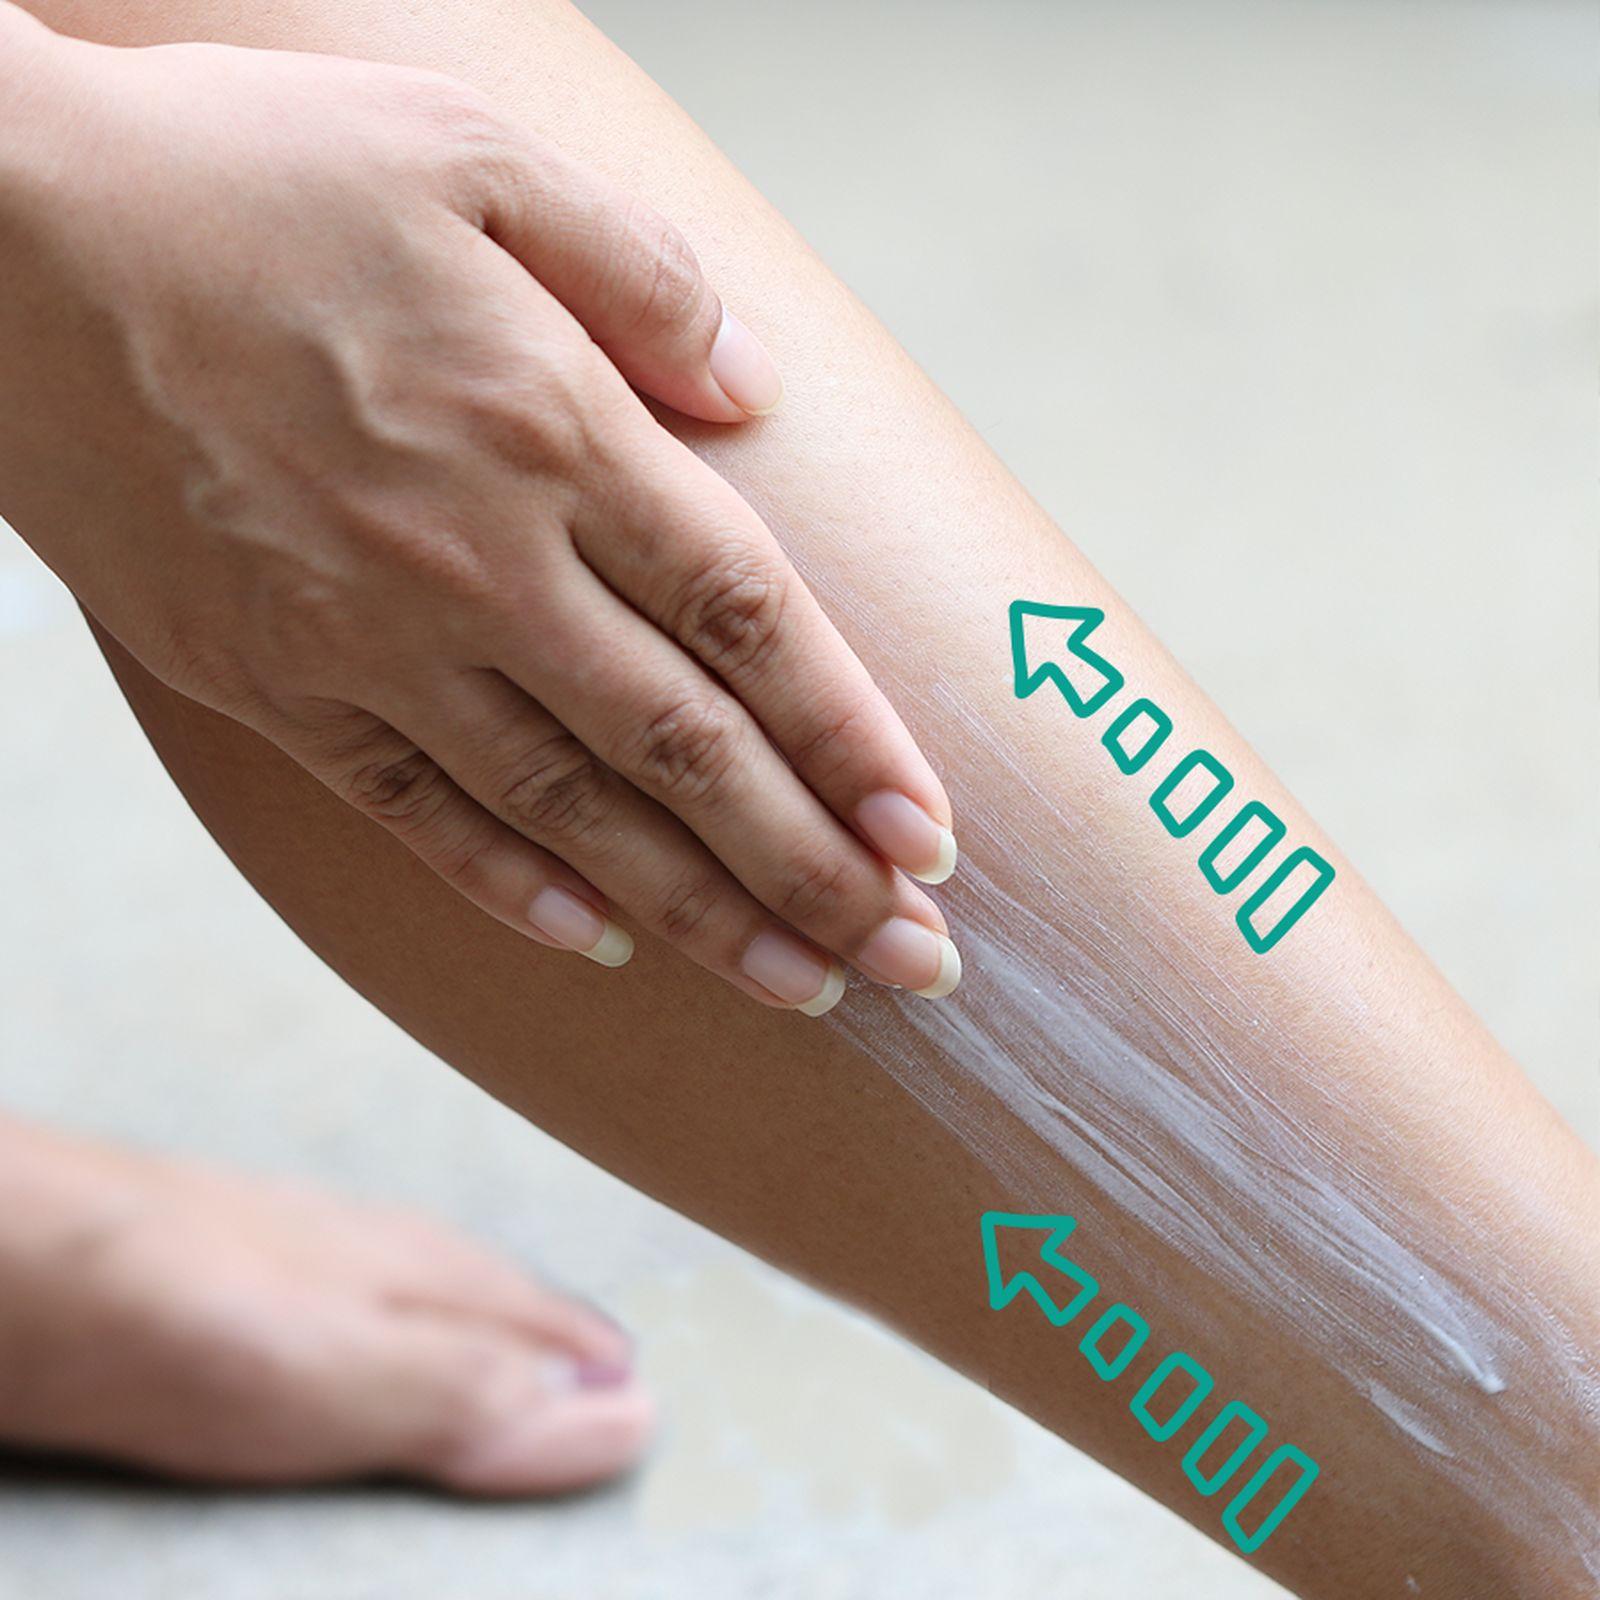 Massagem detox - braços